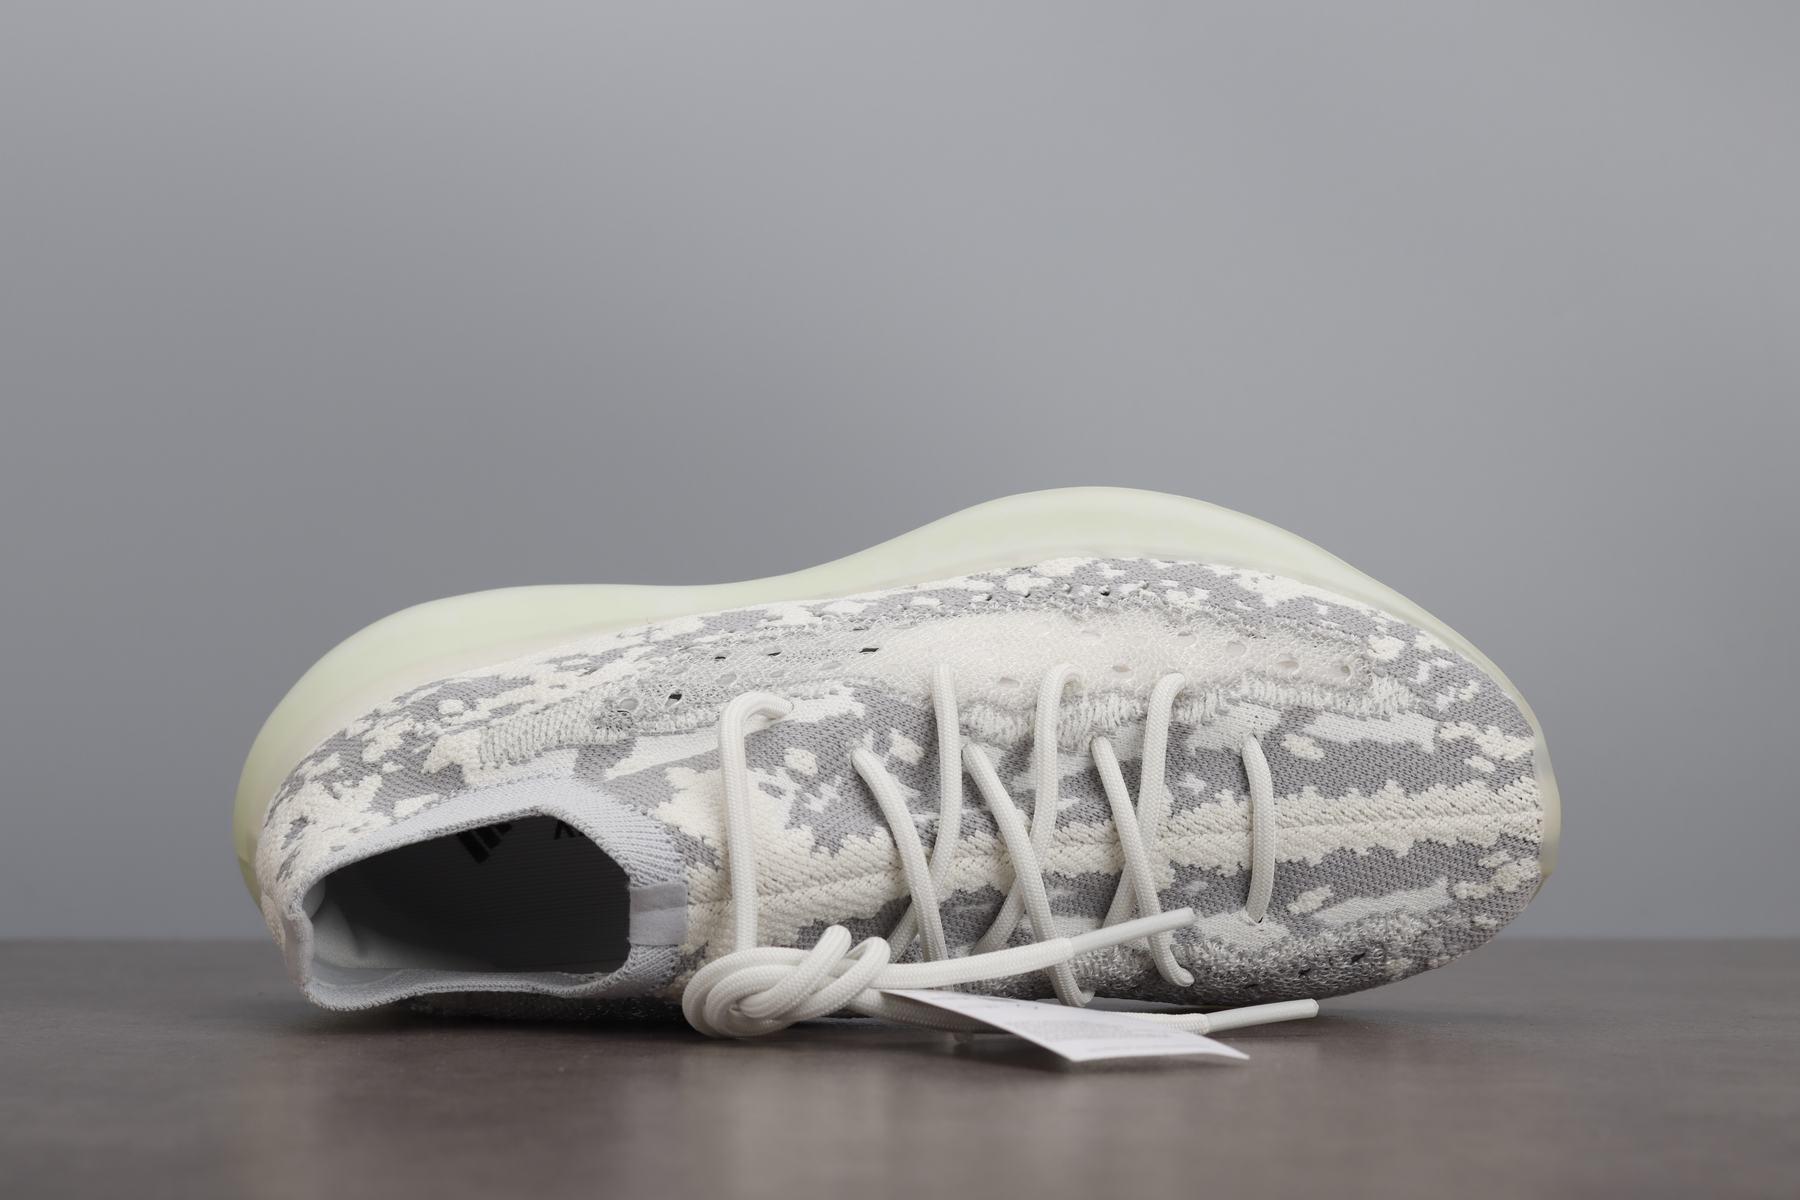 老汪 BASF YEEZY Boost 椰子380 外星人 灰白跑鞋 FV3260_河源aj裸鞋